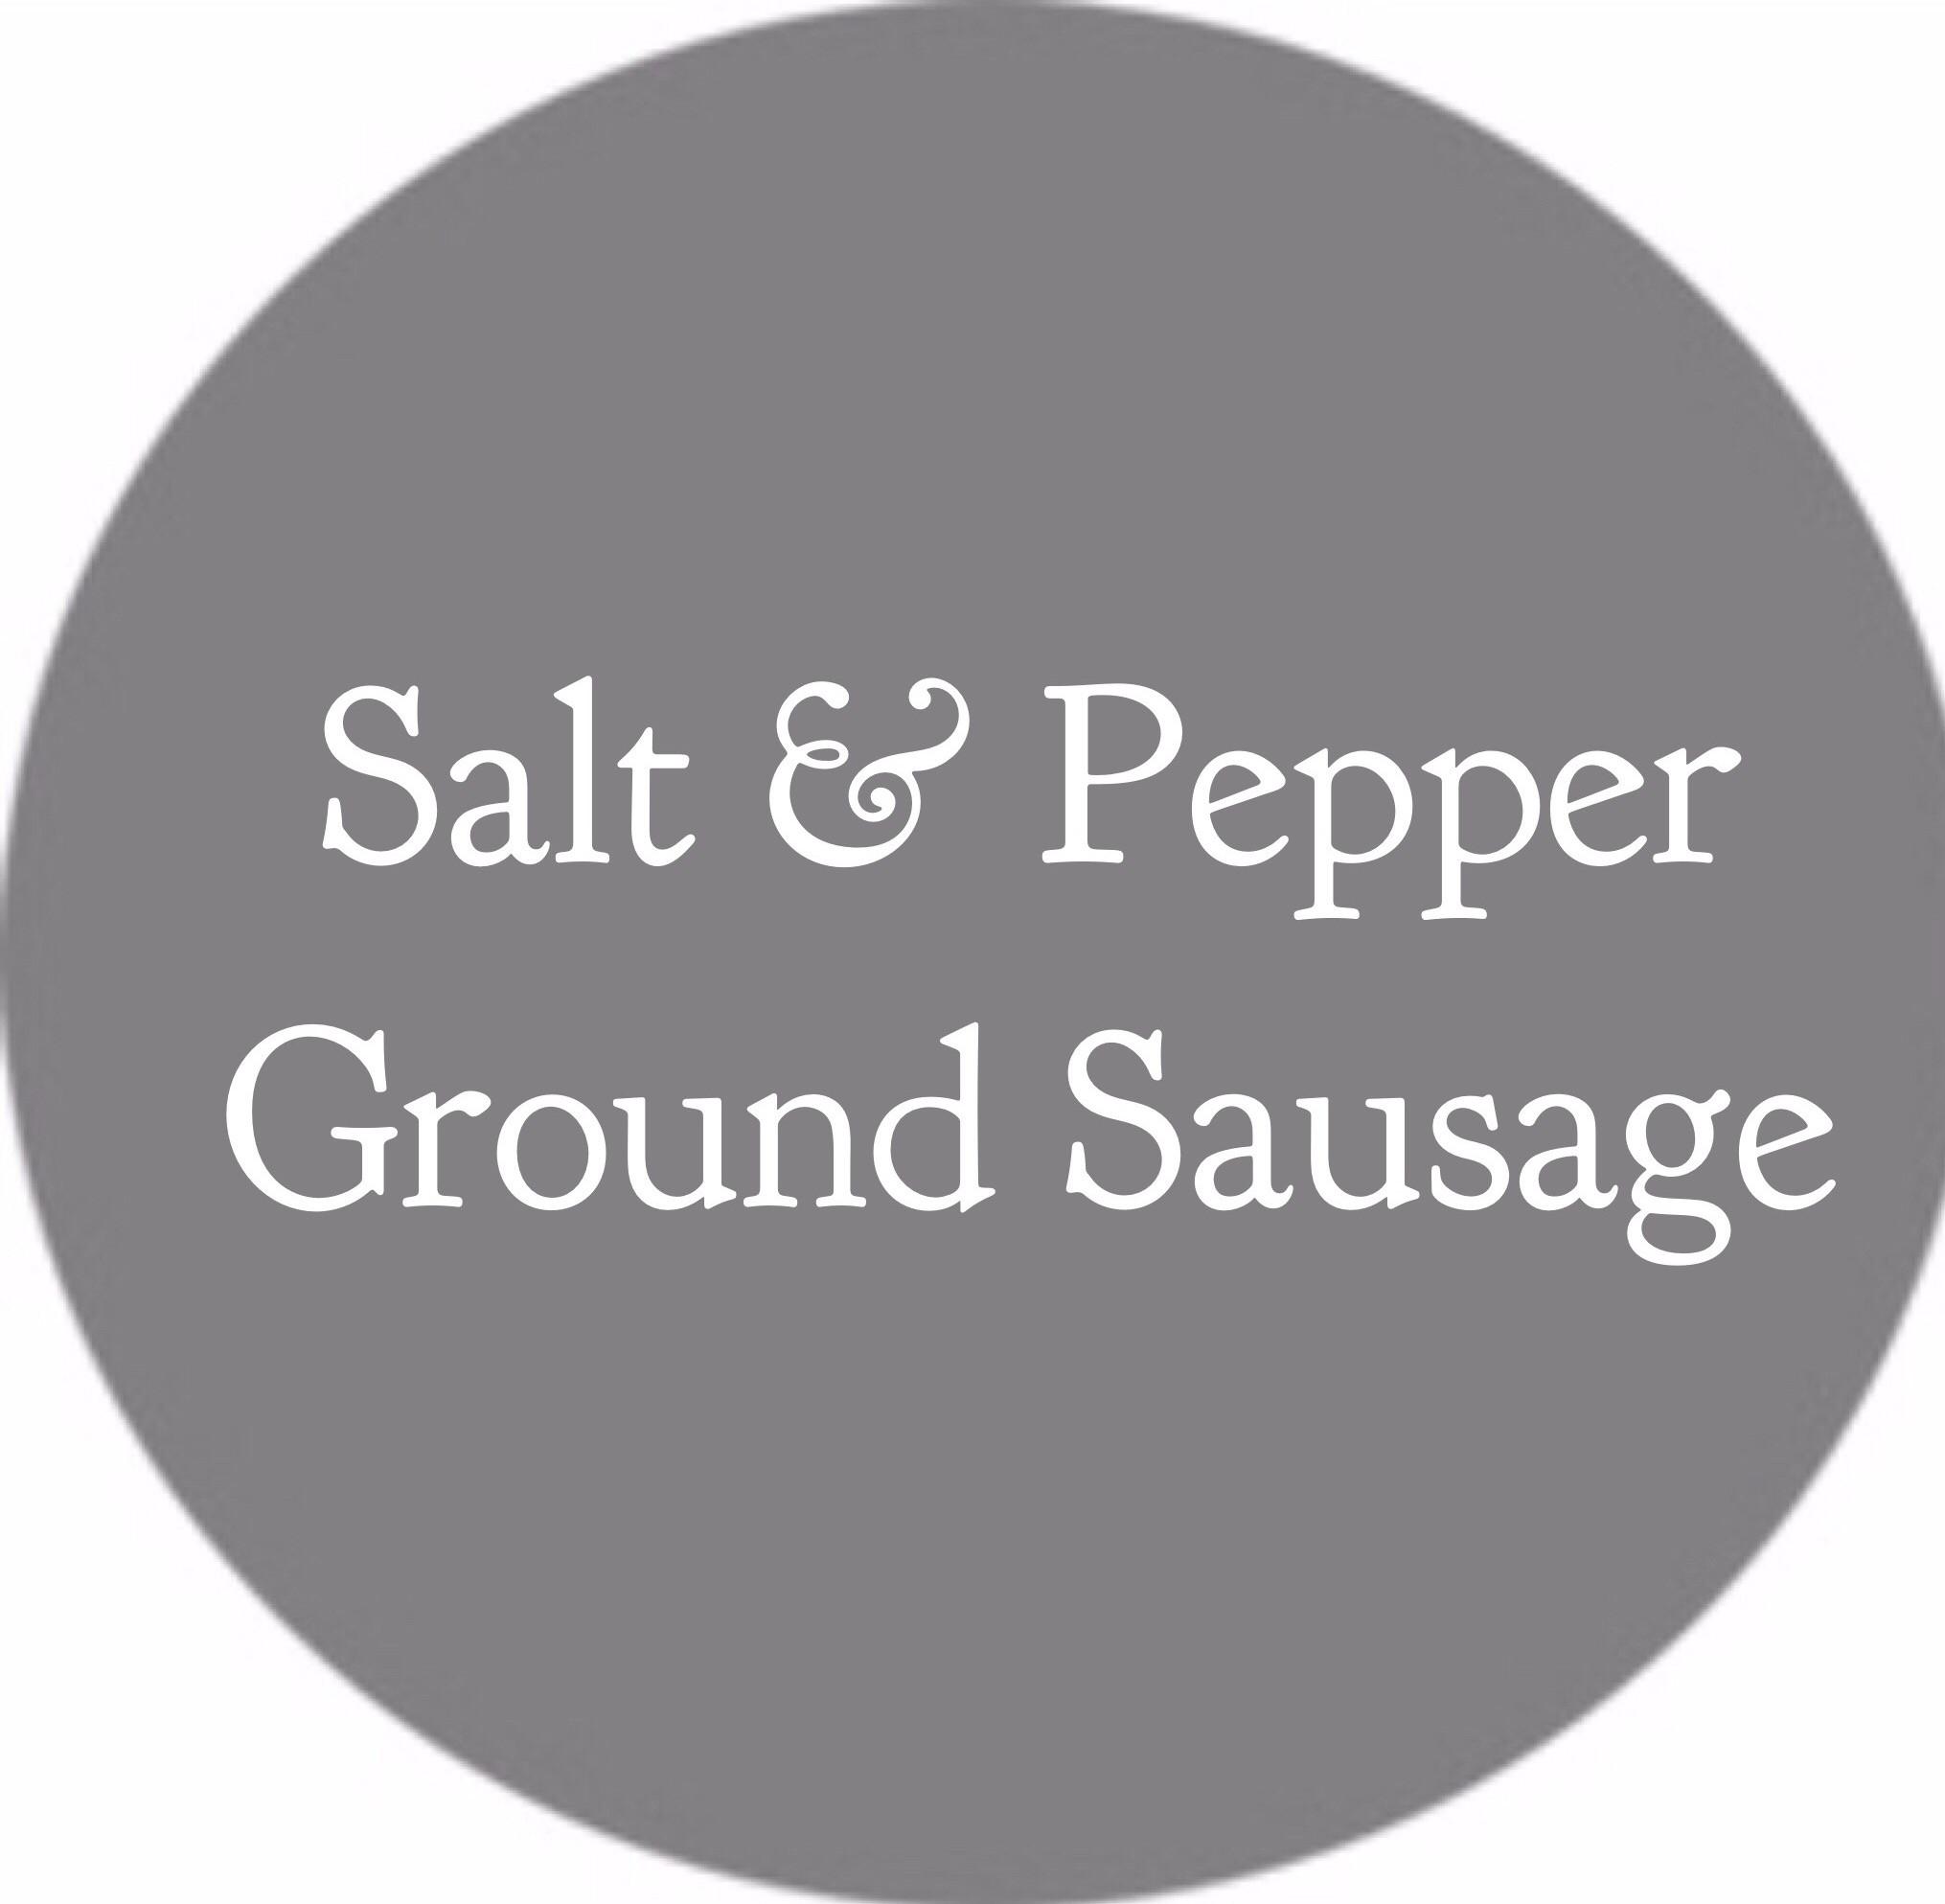 Salt & Pepper Ground Sausage